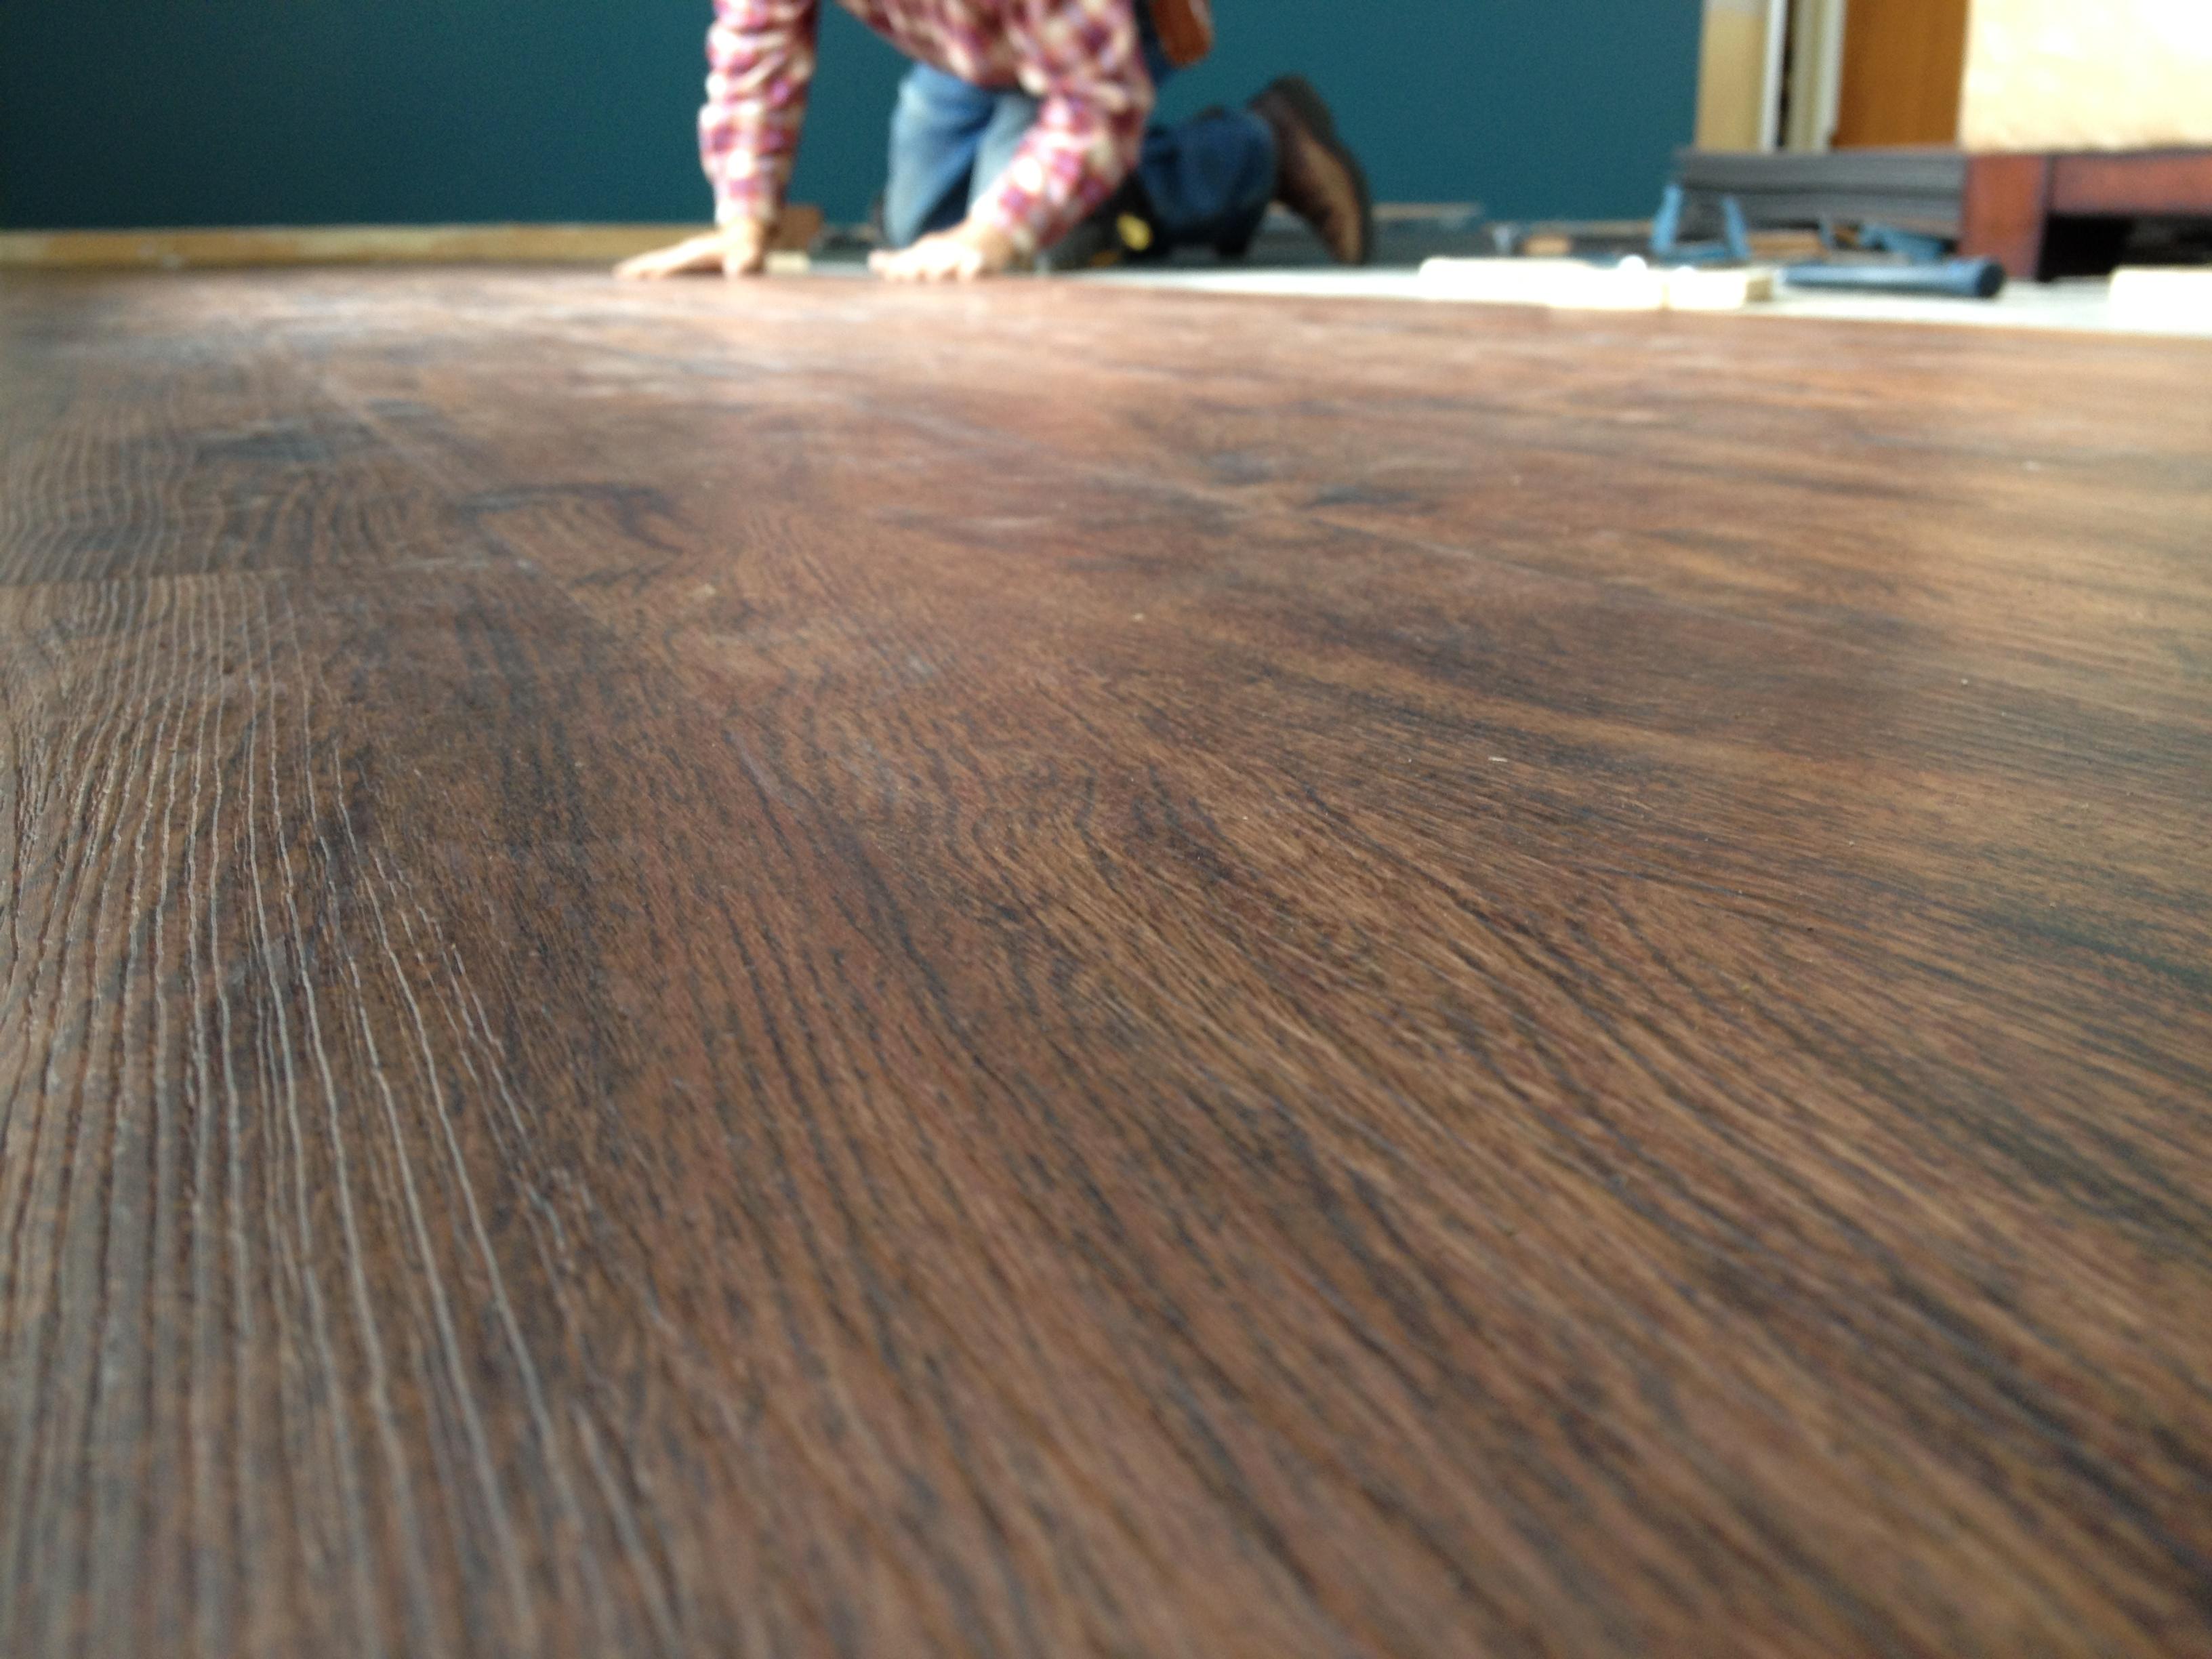 Menards Vinyl Plank Flooring Reviews Flooring Designs